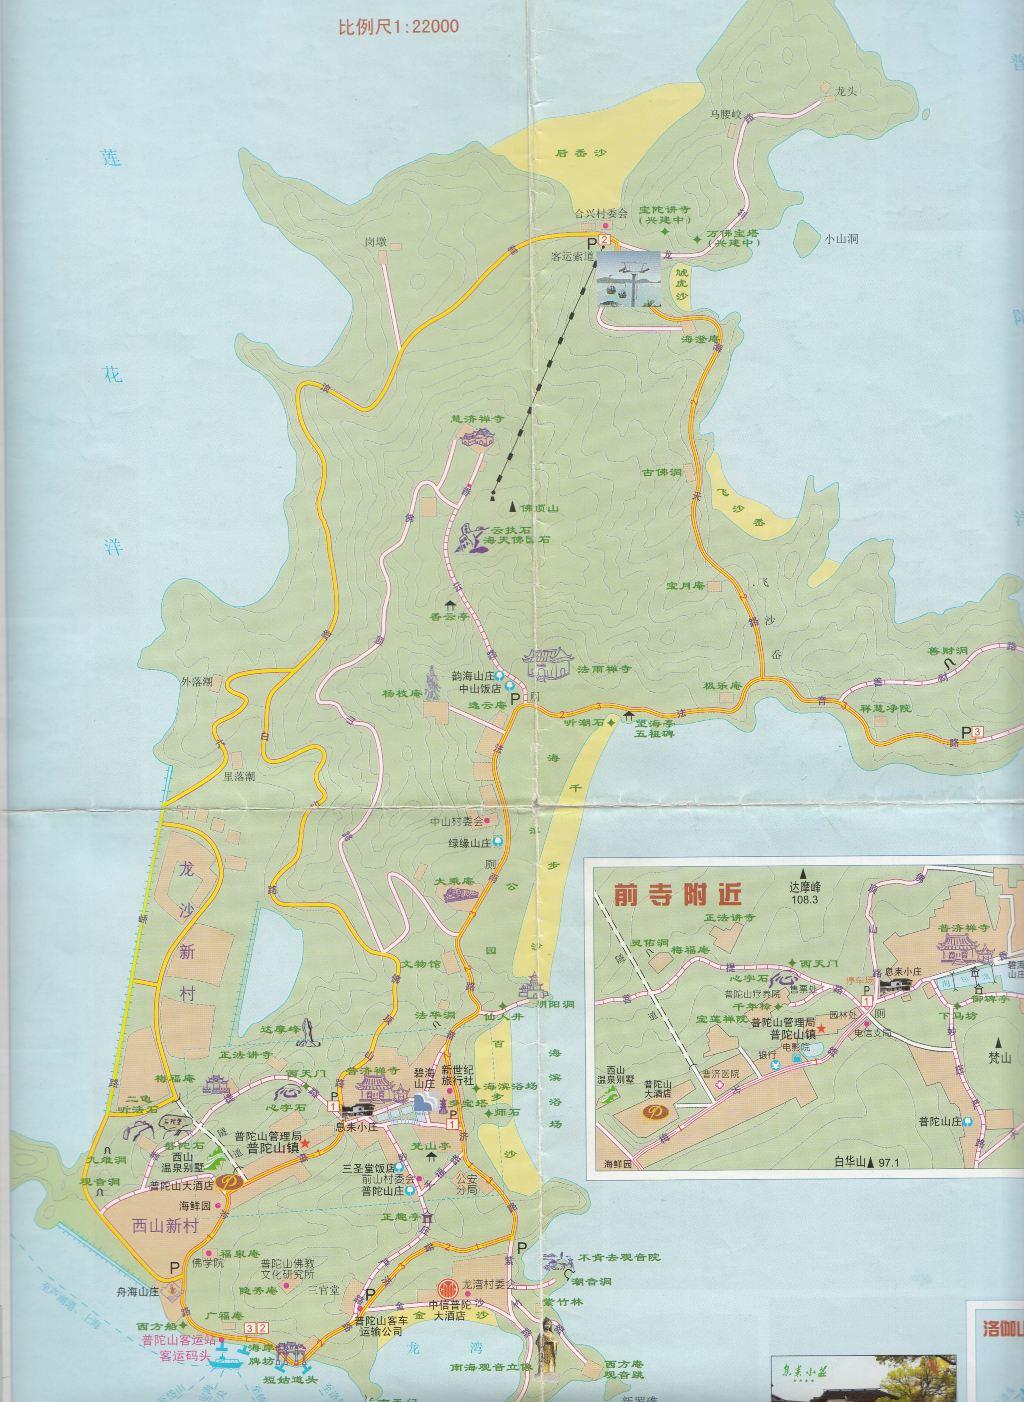 青岛崂山地图全图大图 青岛崂山地图全图 青岛地图全图大图